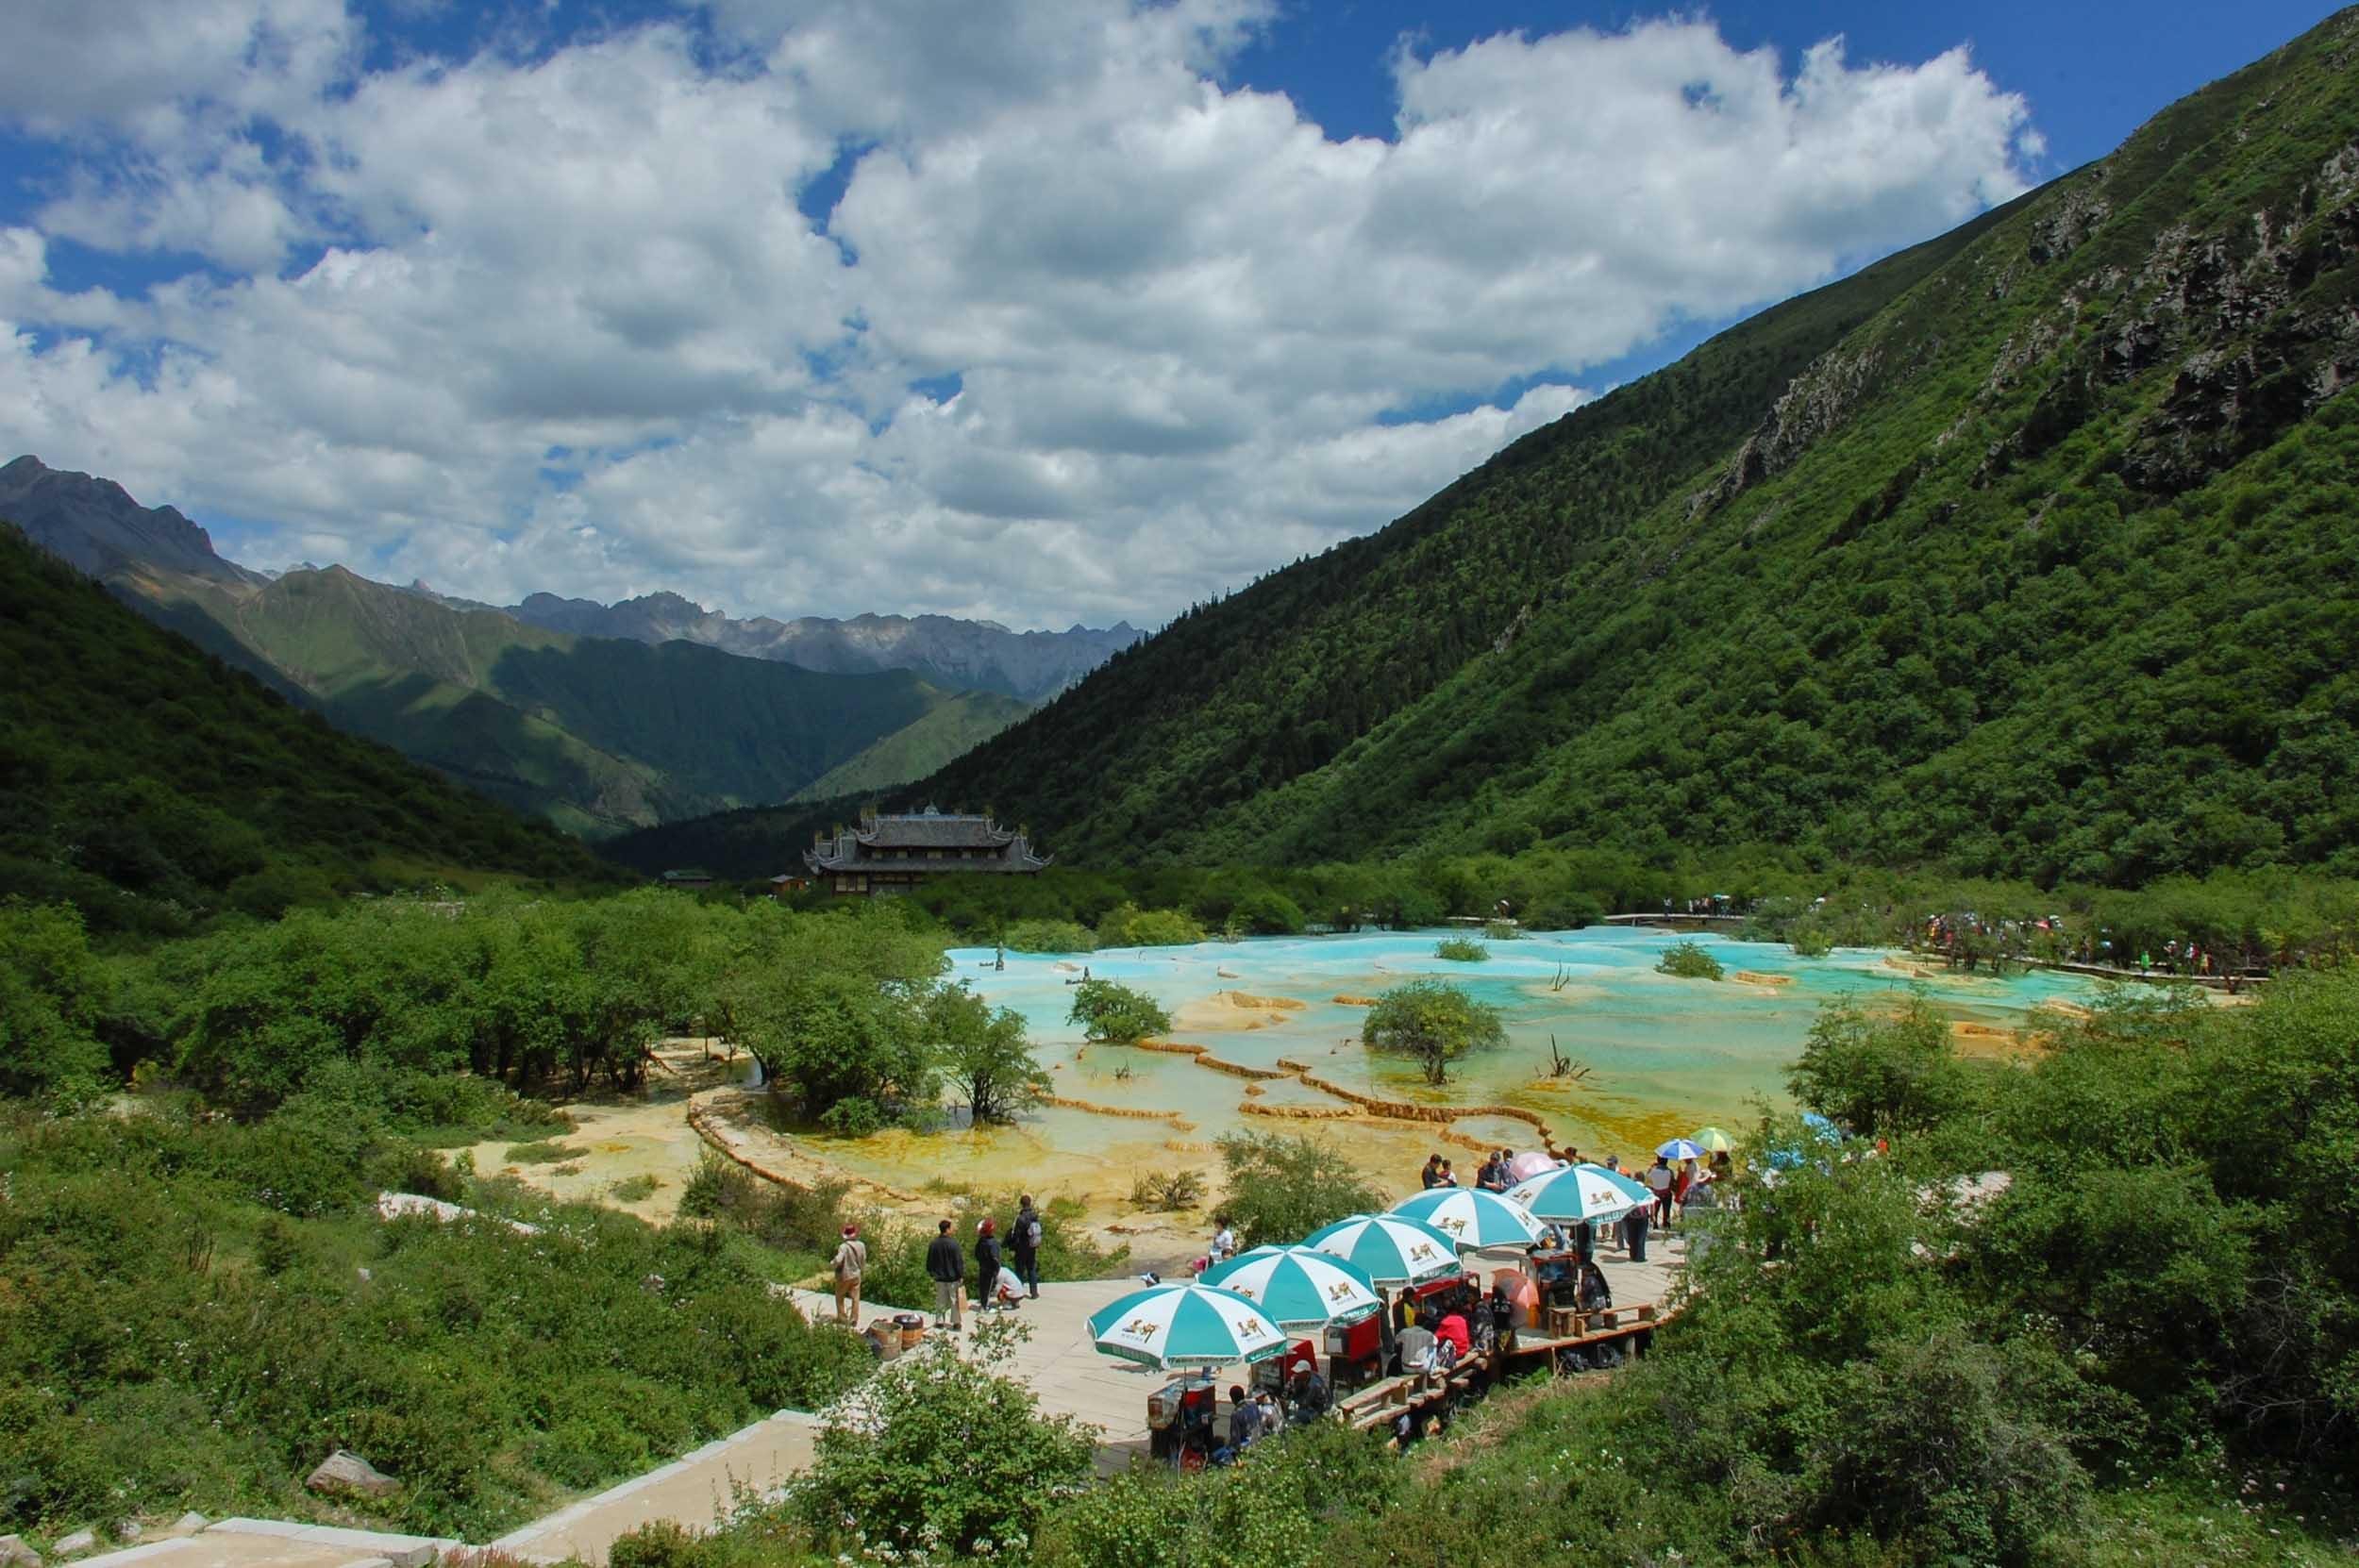 黄龍 五彩池の全景